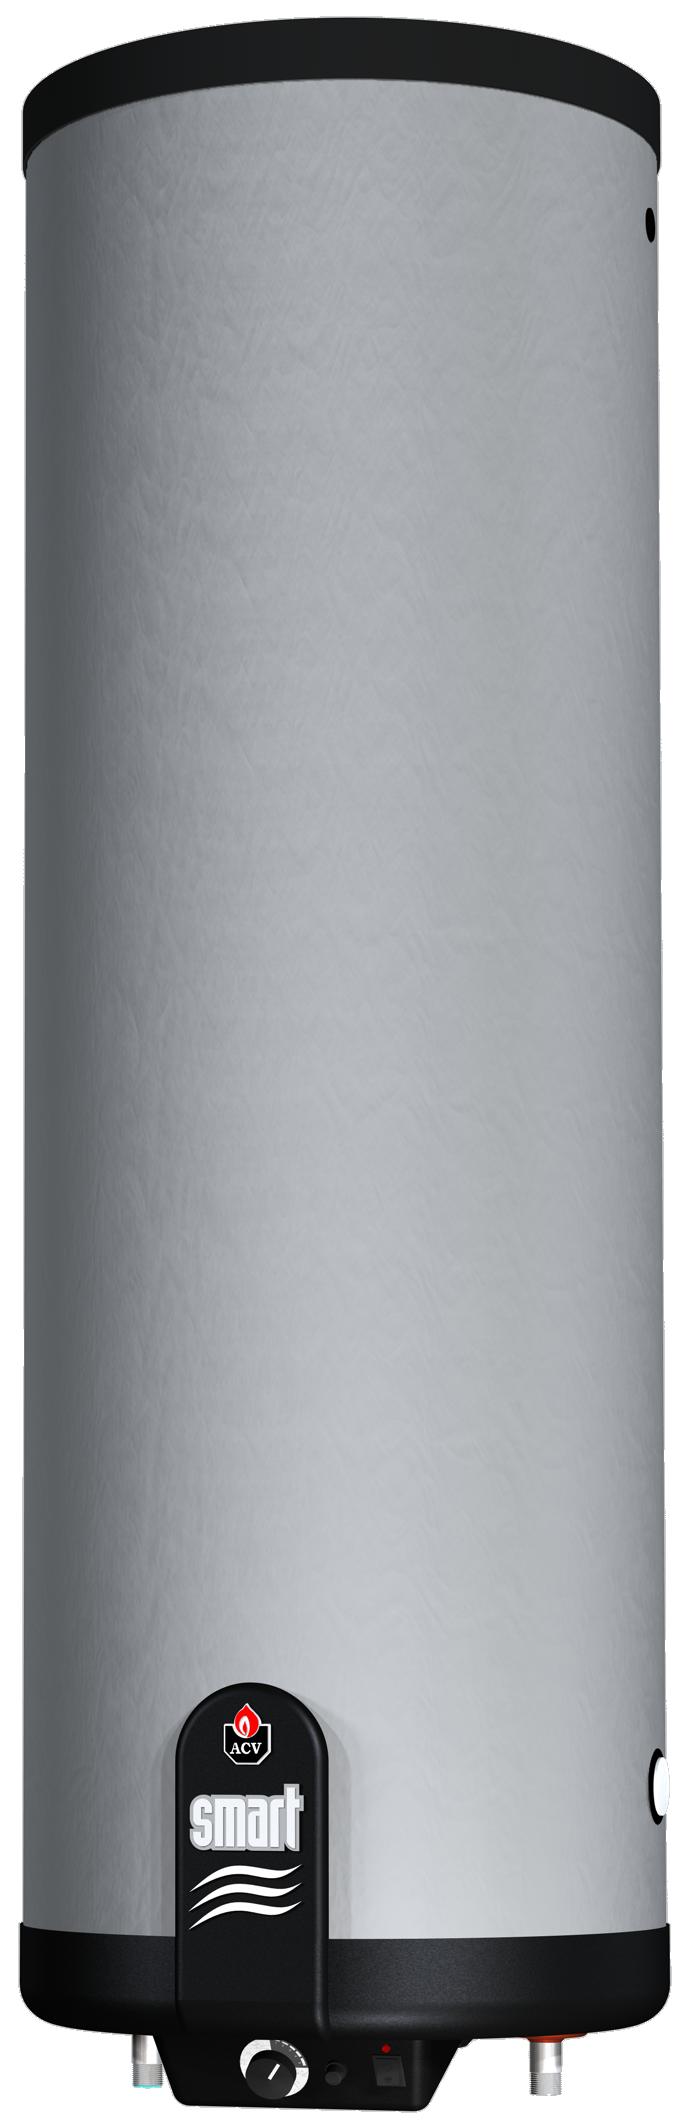 Бойлер косвенного нагрева ACV Smart Line SLEW 240